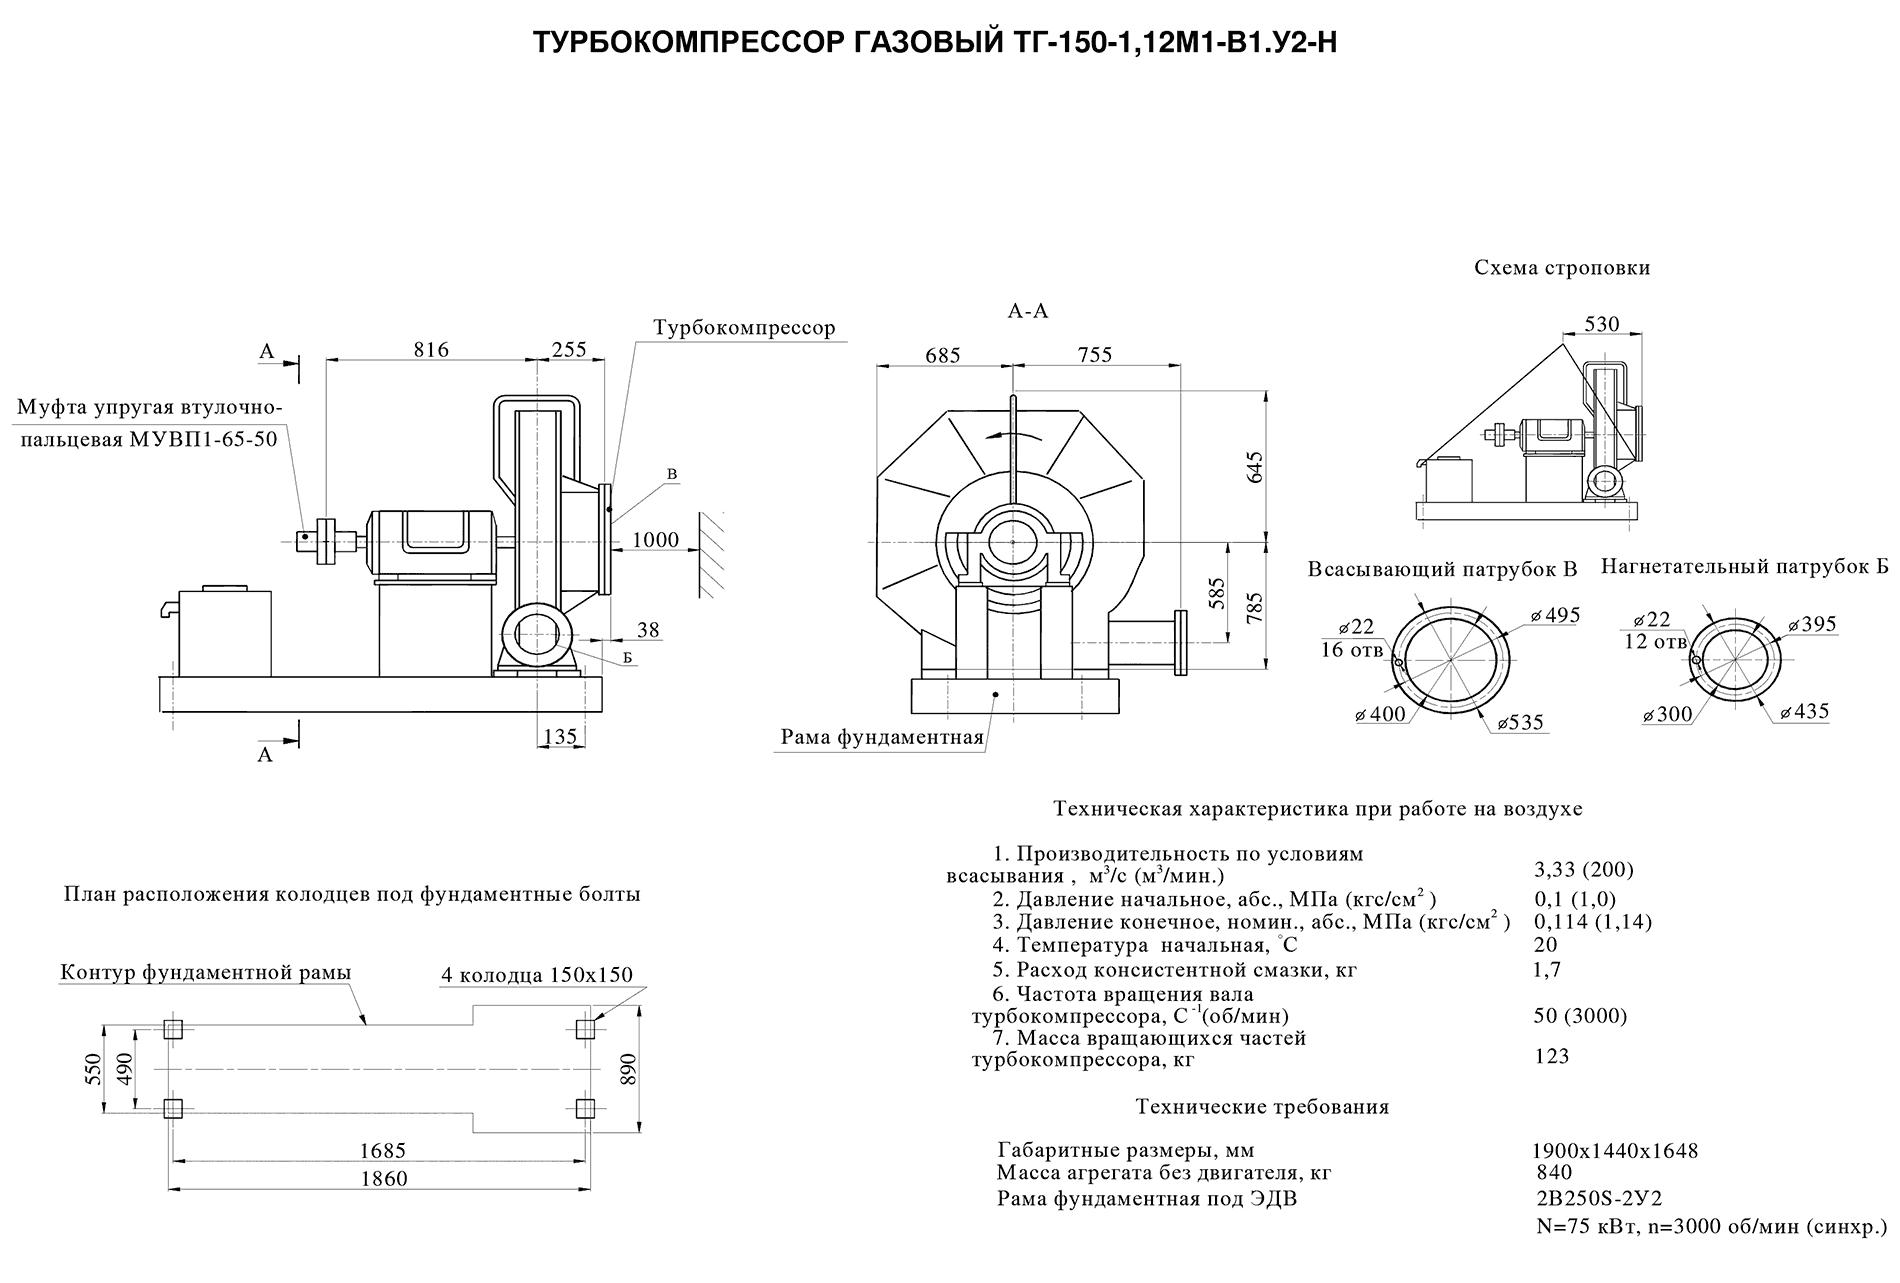 Турбокомпрессор одноступенчатый газовый ТГ-150-1,12М1-В1